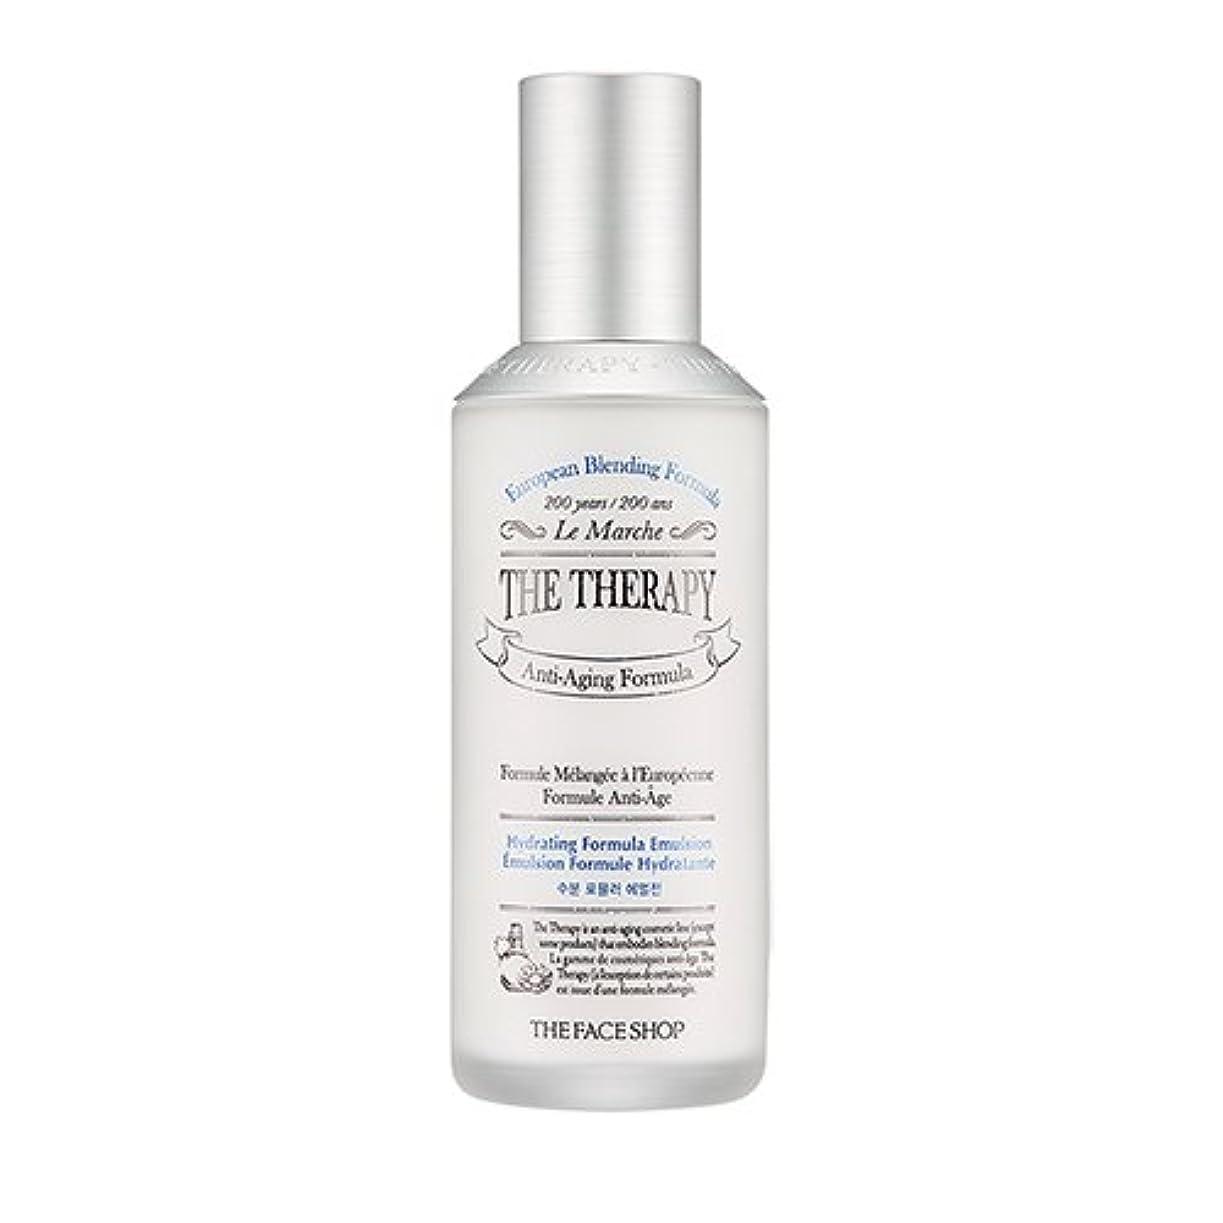 追い付く所有者ダイヤルTHE FACE SHOP The Therapy Hydrating Formula Emulsion 130ml/ザフェイスショップ ザ セラピー ハイドレーティング フォーミュラ エマルジョン 130ml